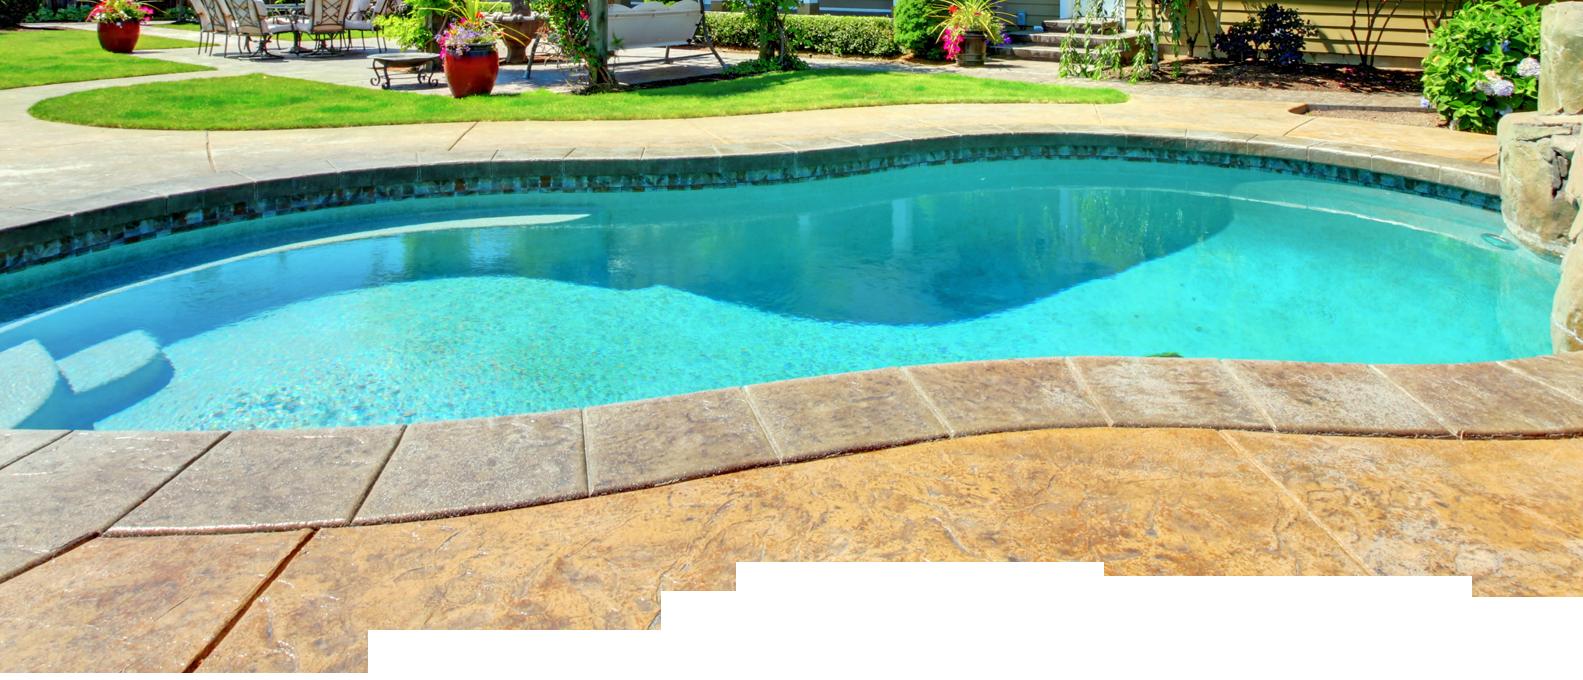 Construction de piscine en gironde m puntous for Construction piscine gironde